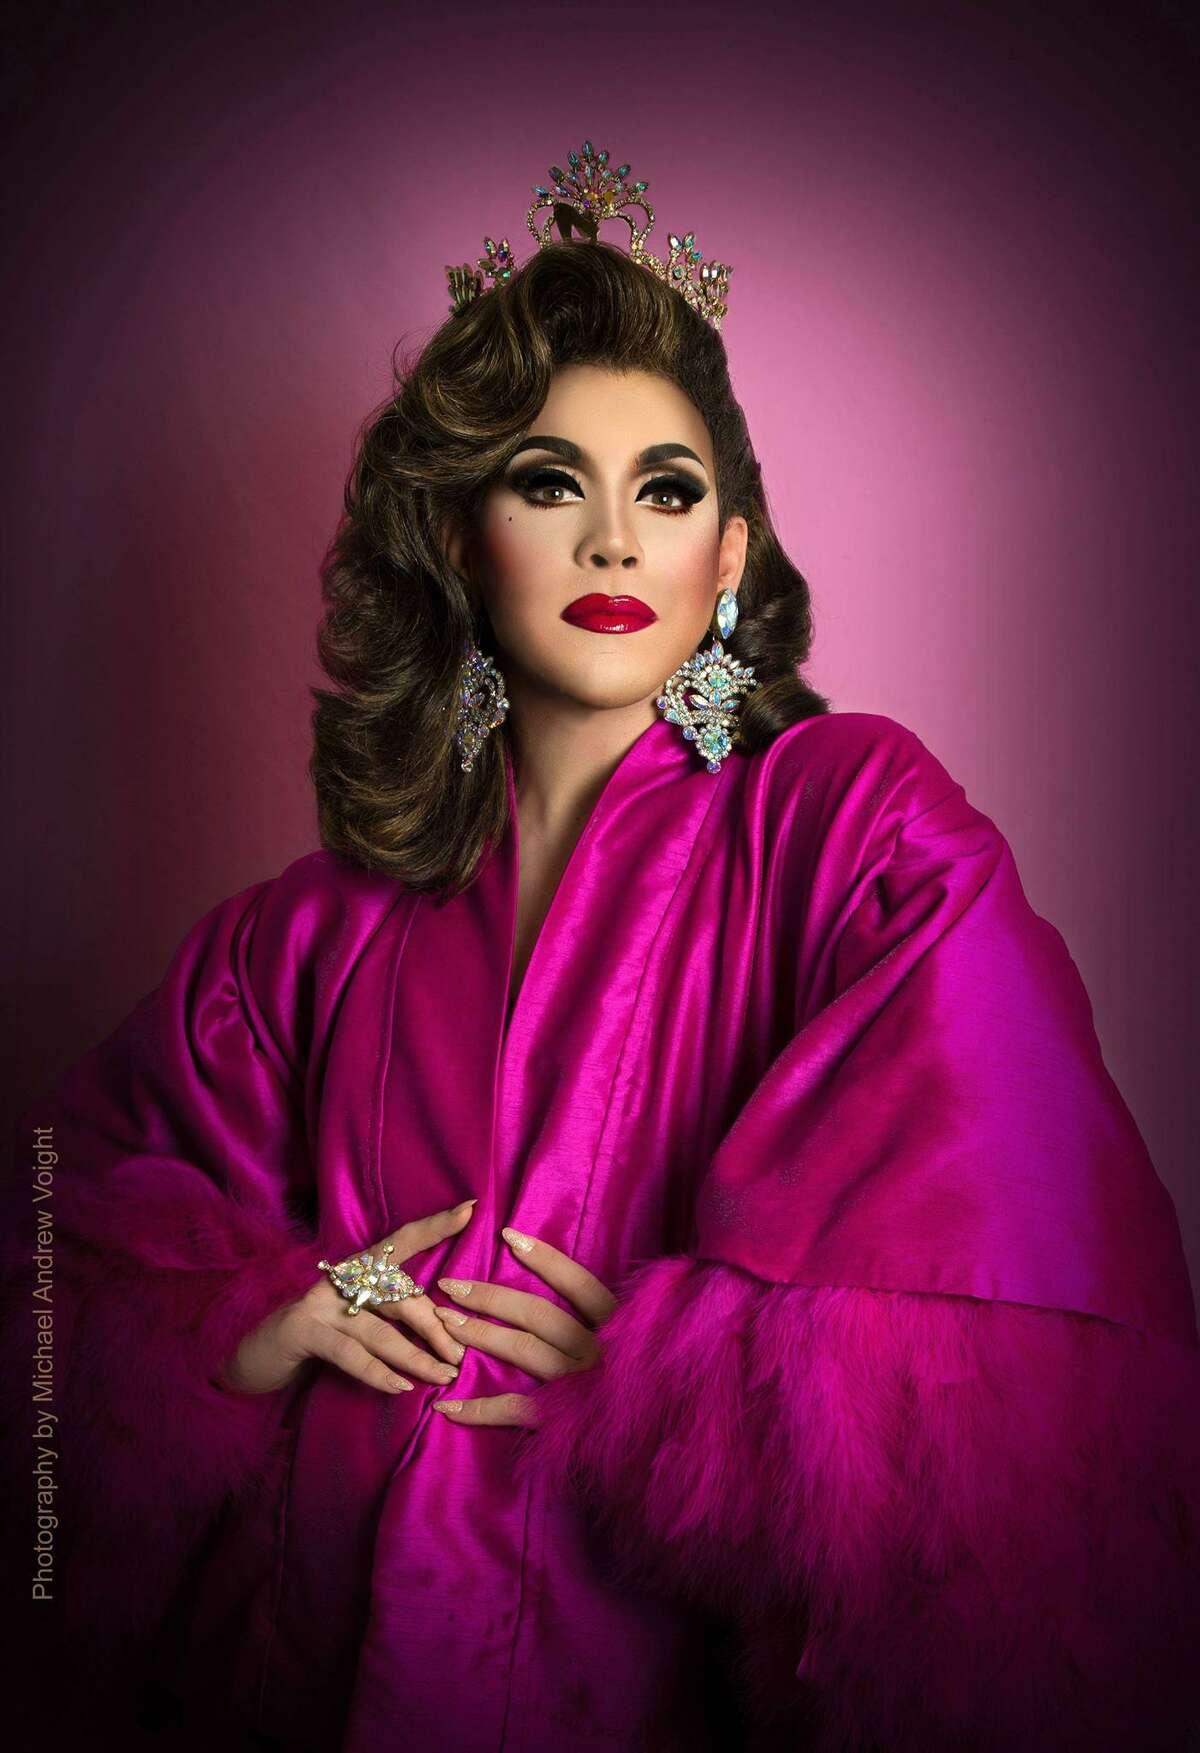 Violet S'Arbleu is Miss Gay Texas America 2017.